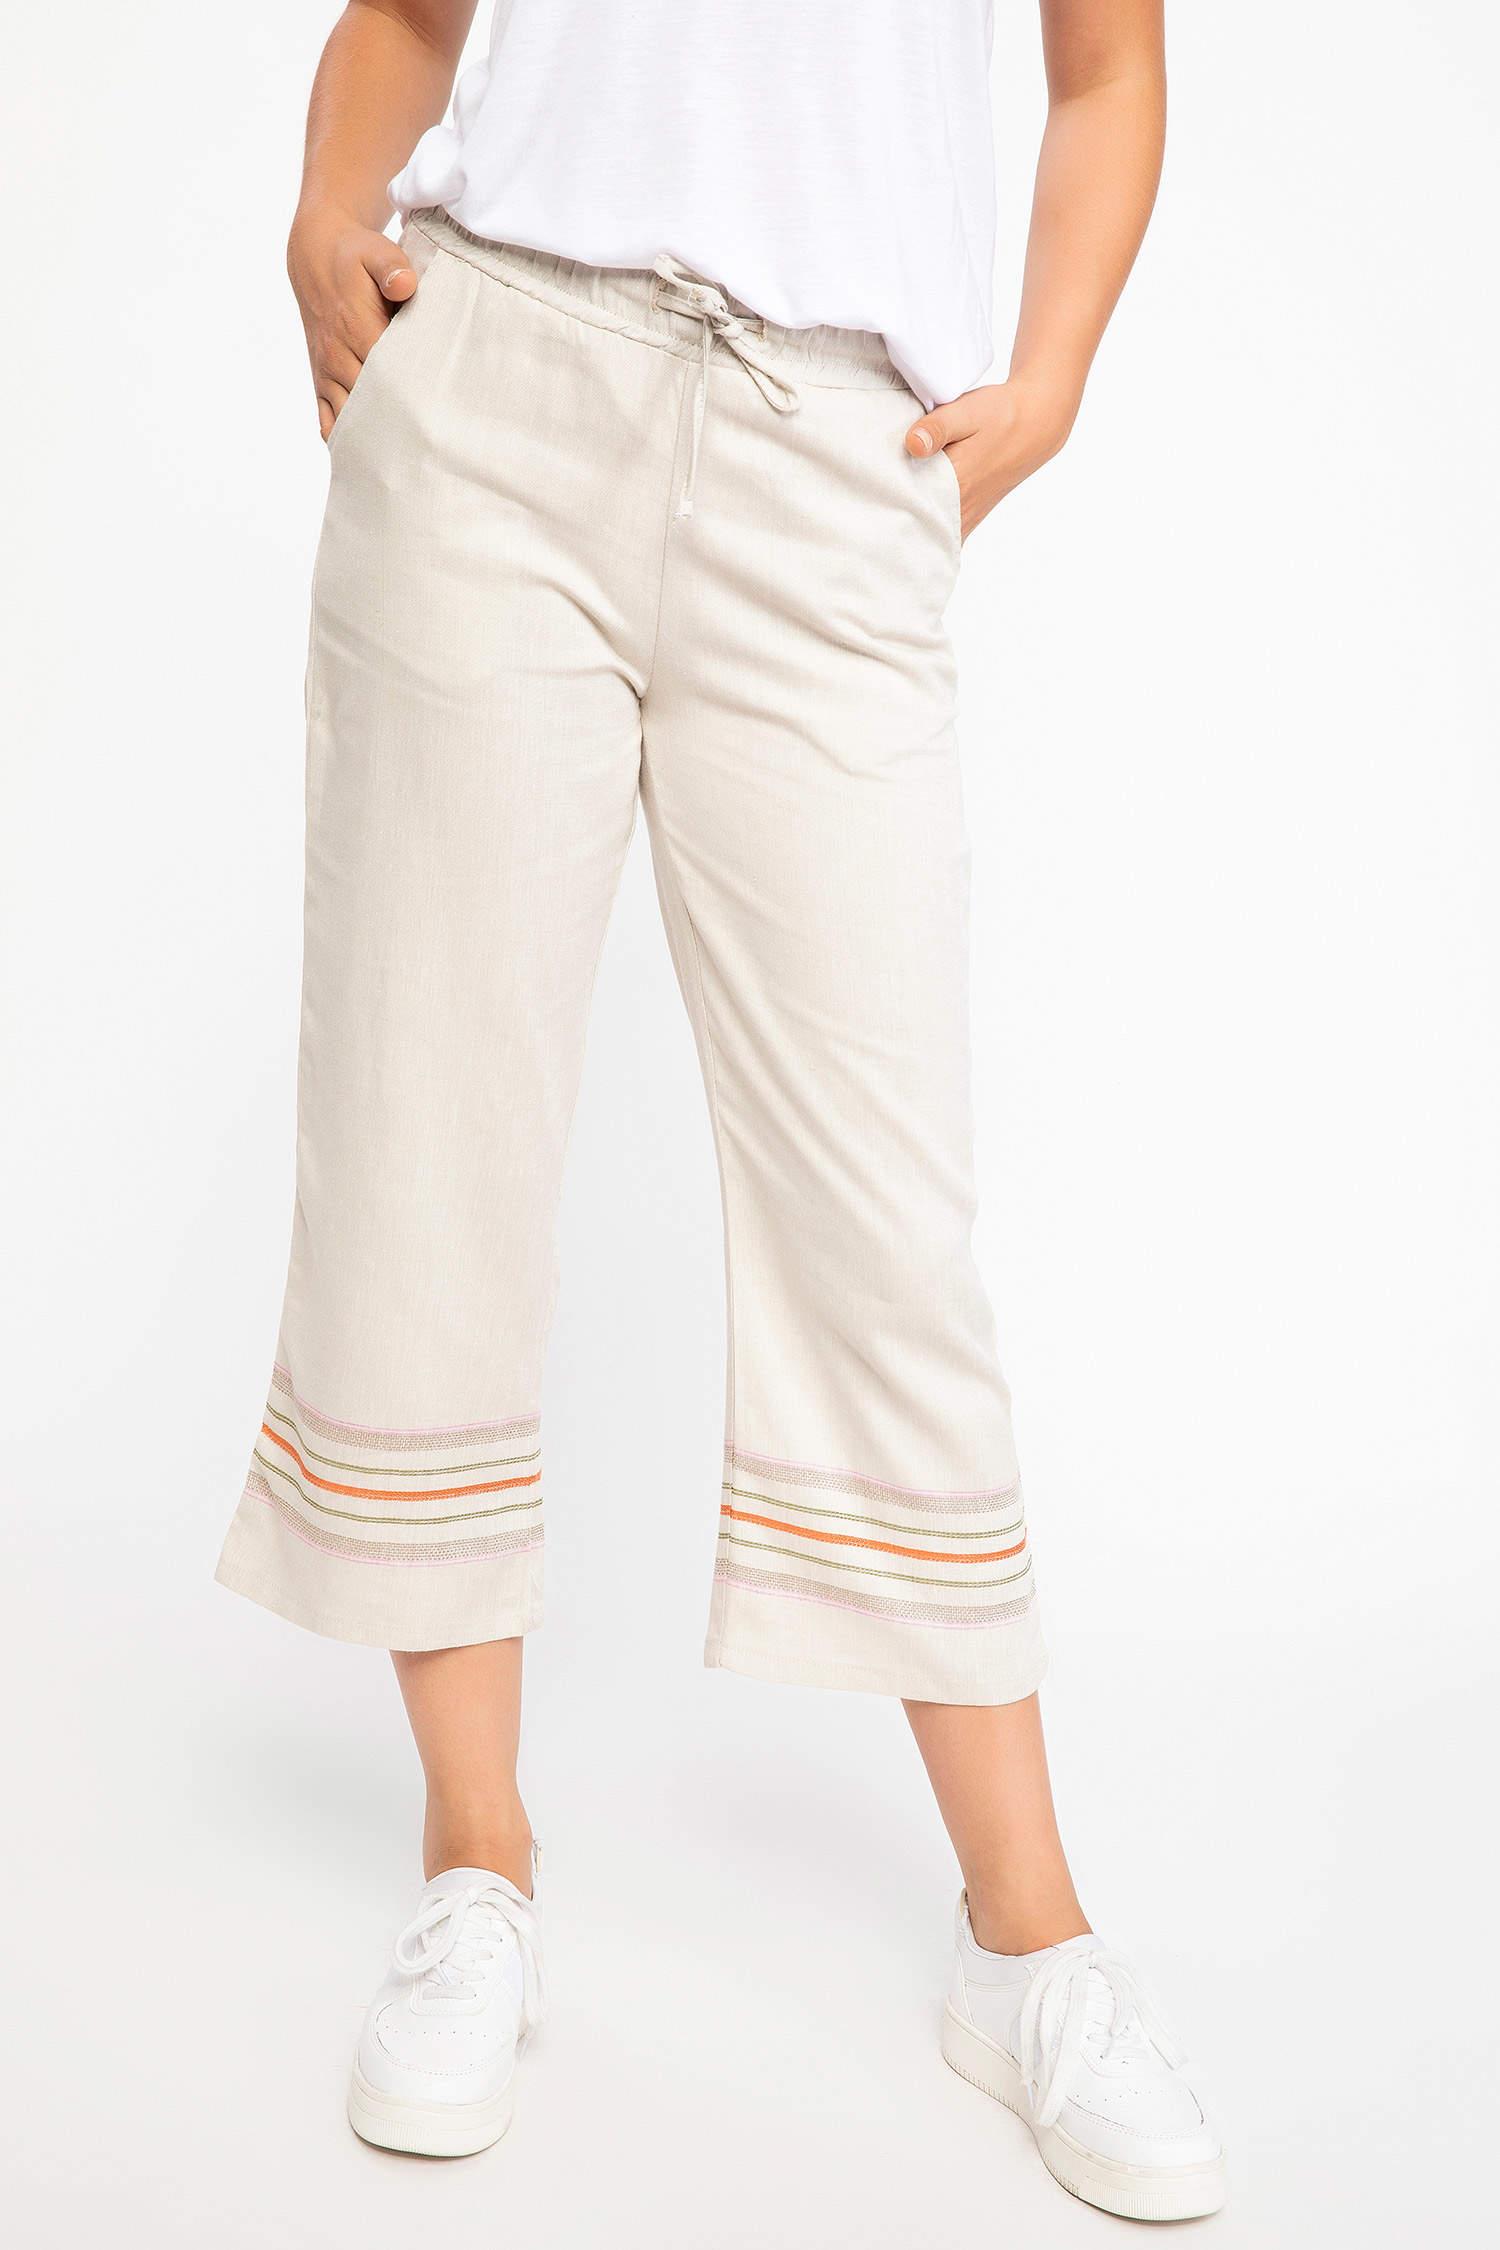 e529e8b030a29 Taş rengi Kadın Şerit Detaylı Keten Pantolon 901149   DeFacto